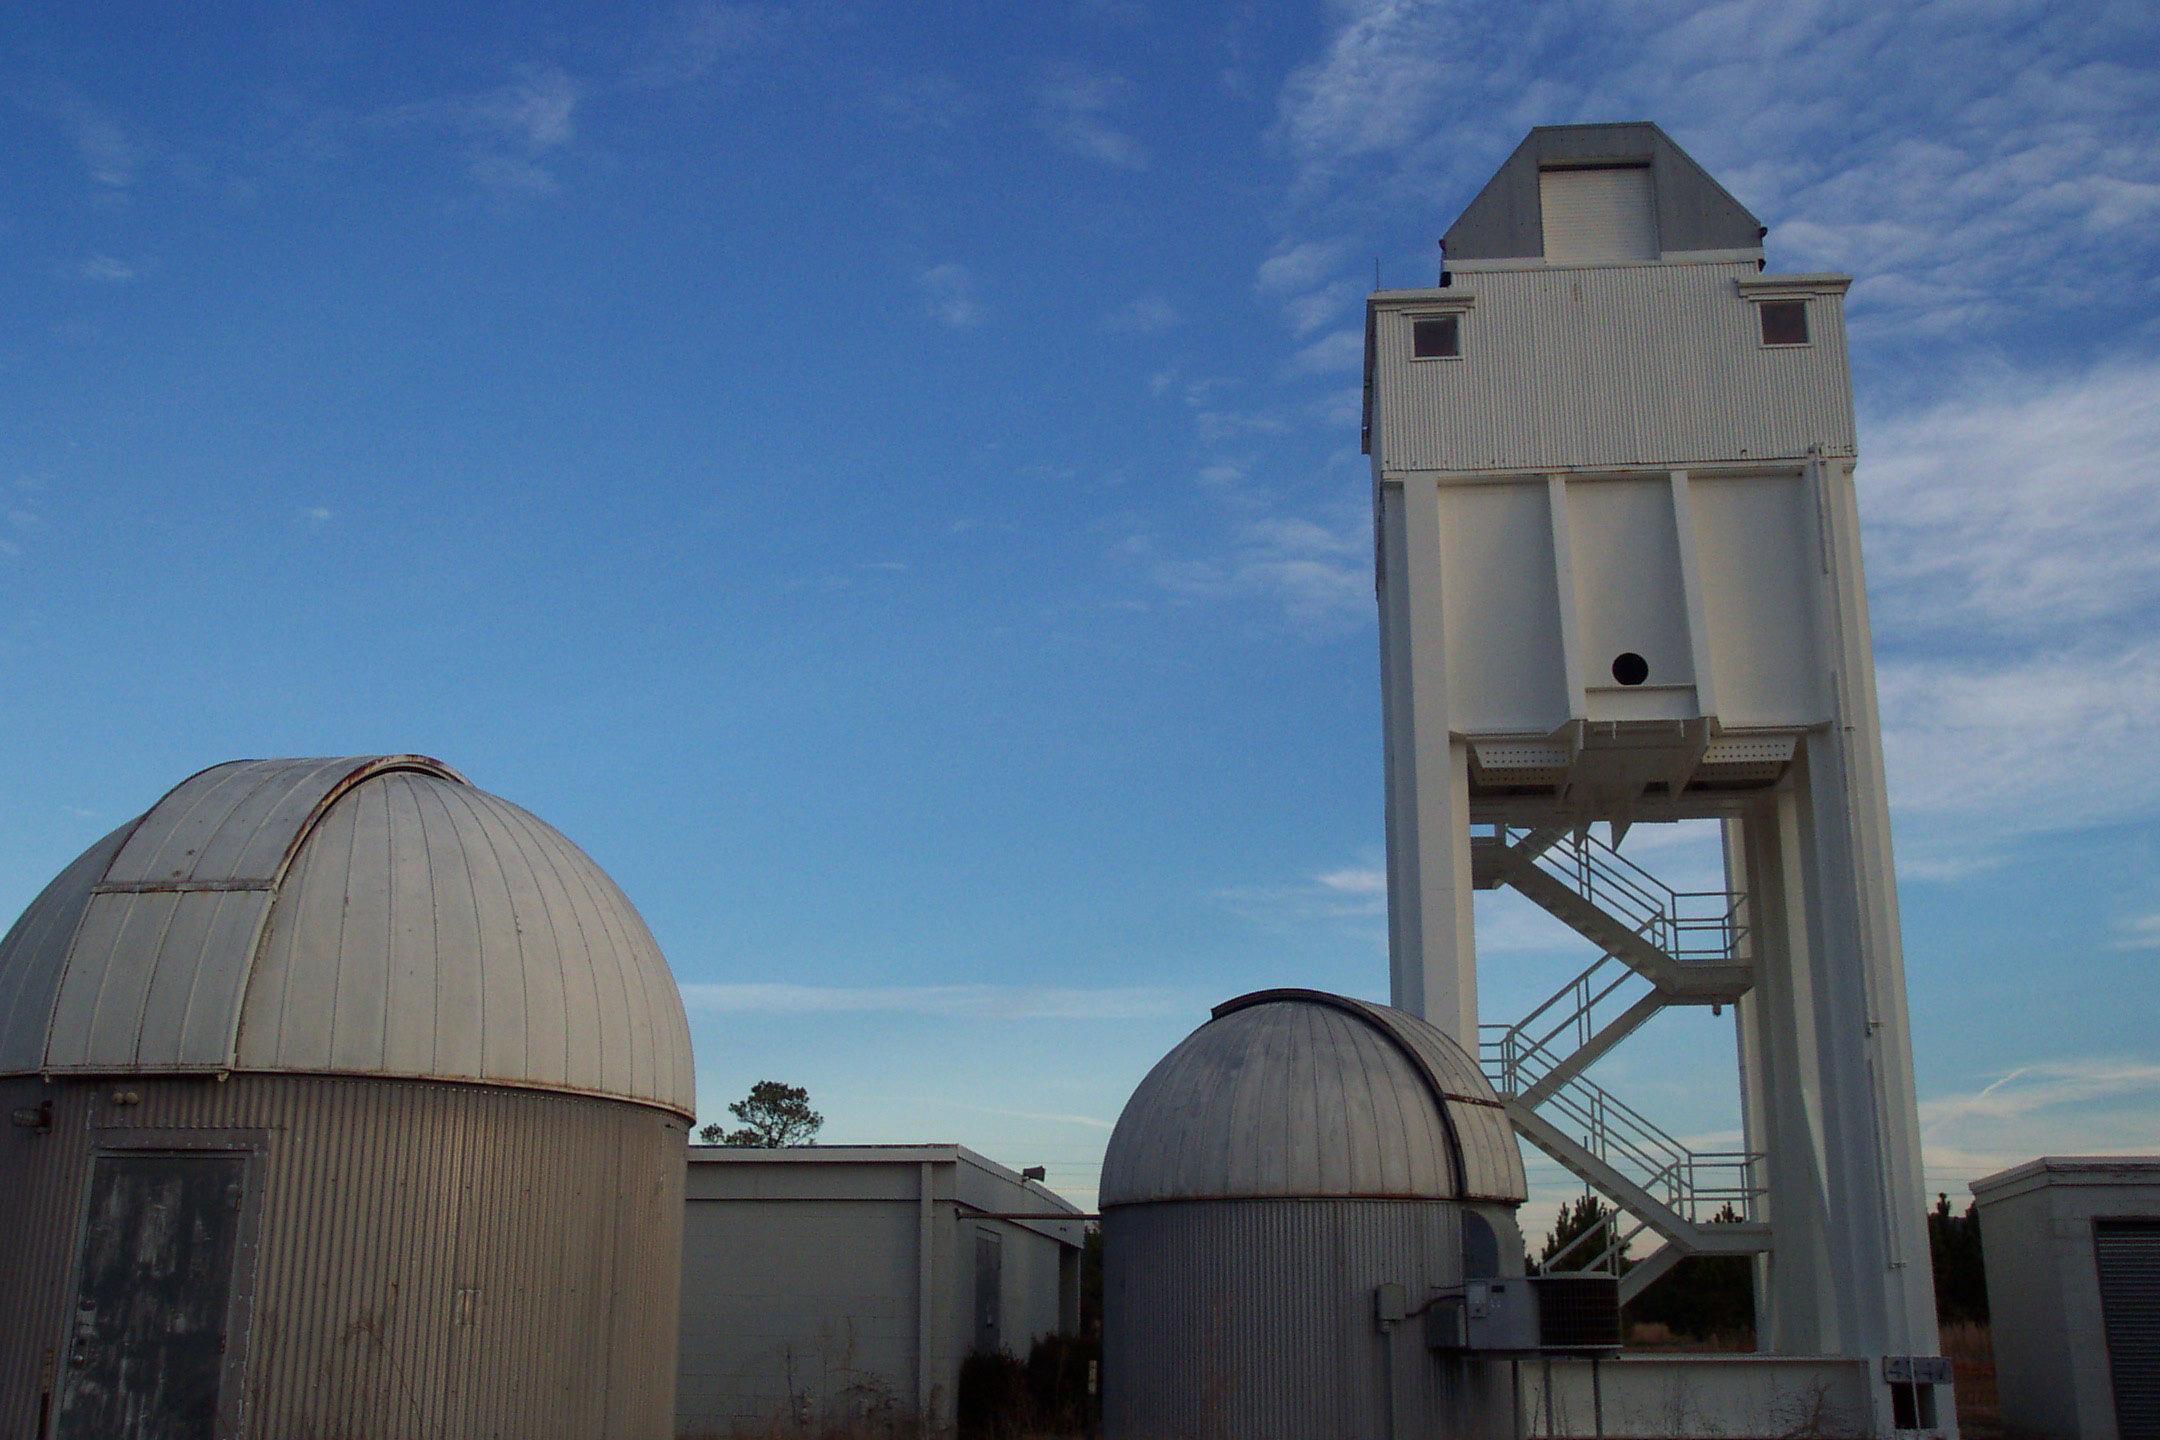 36-сантиметровый телескоп Шмидта-Кассегрена (расположенный в 15-метровой башне) автоматизированной лунной и метеорной обсерватории (Automated Lunar and Meteor Observatory или ALaMO)